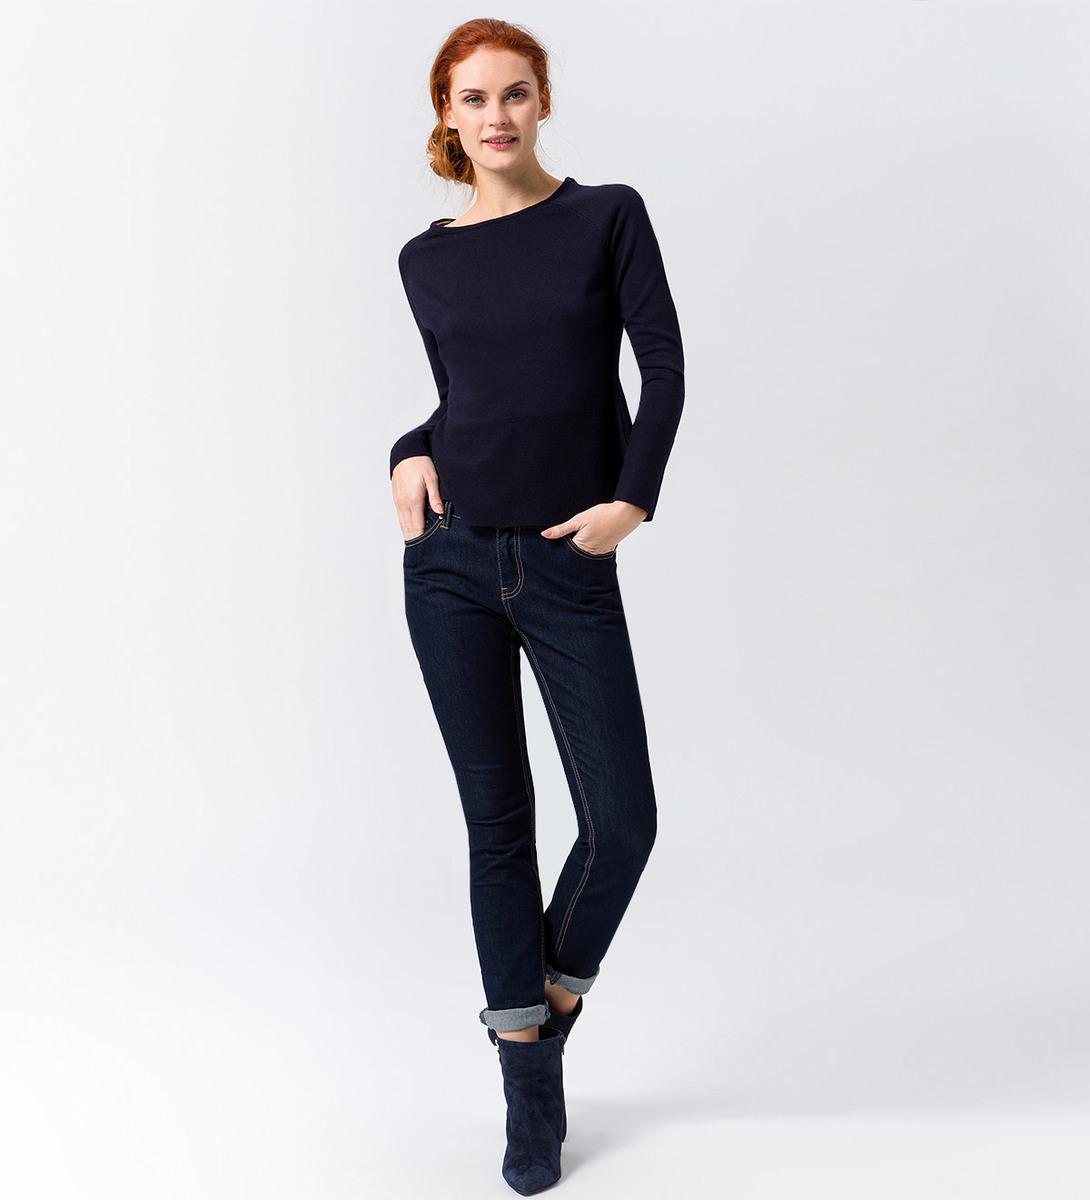 Pullover in Feinstrickqualität in blue black